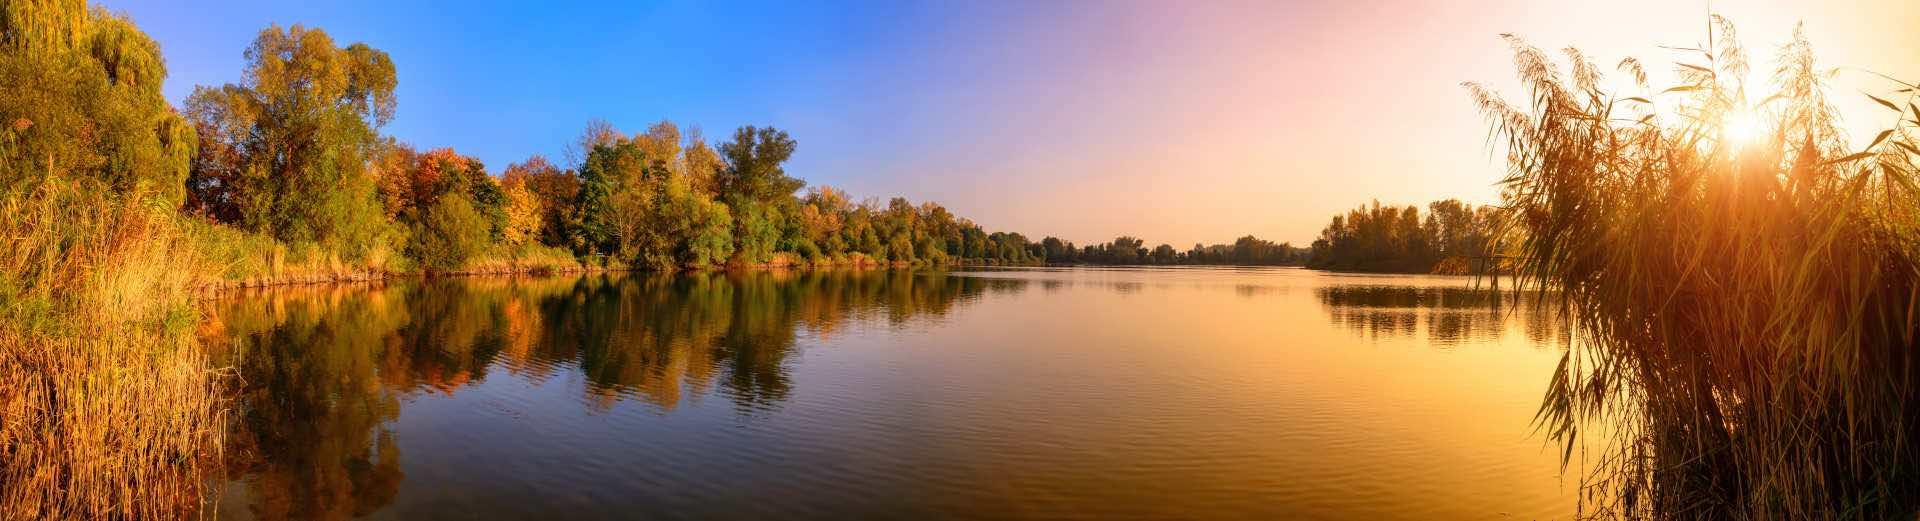 Ruhiger See mit Schilf_1